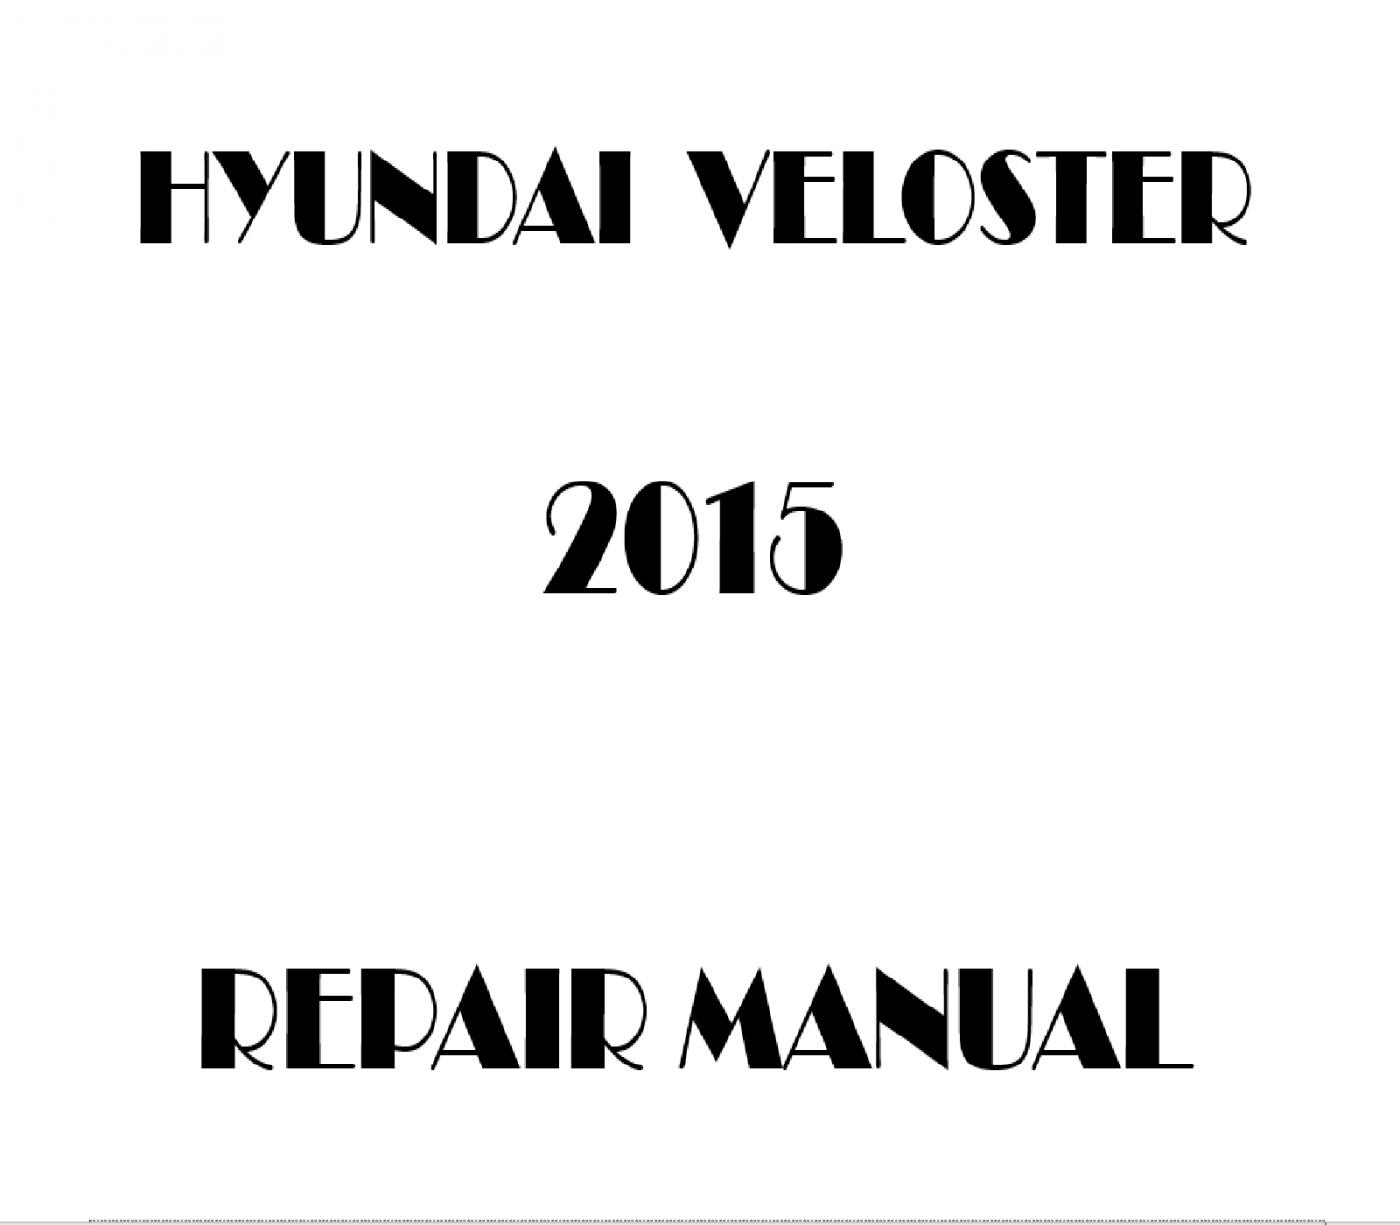 2015 Hyundai Veloster repair manual